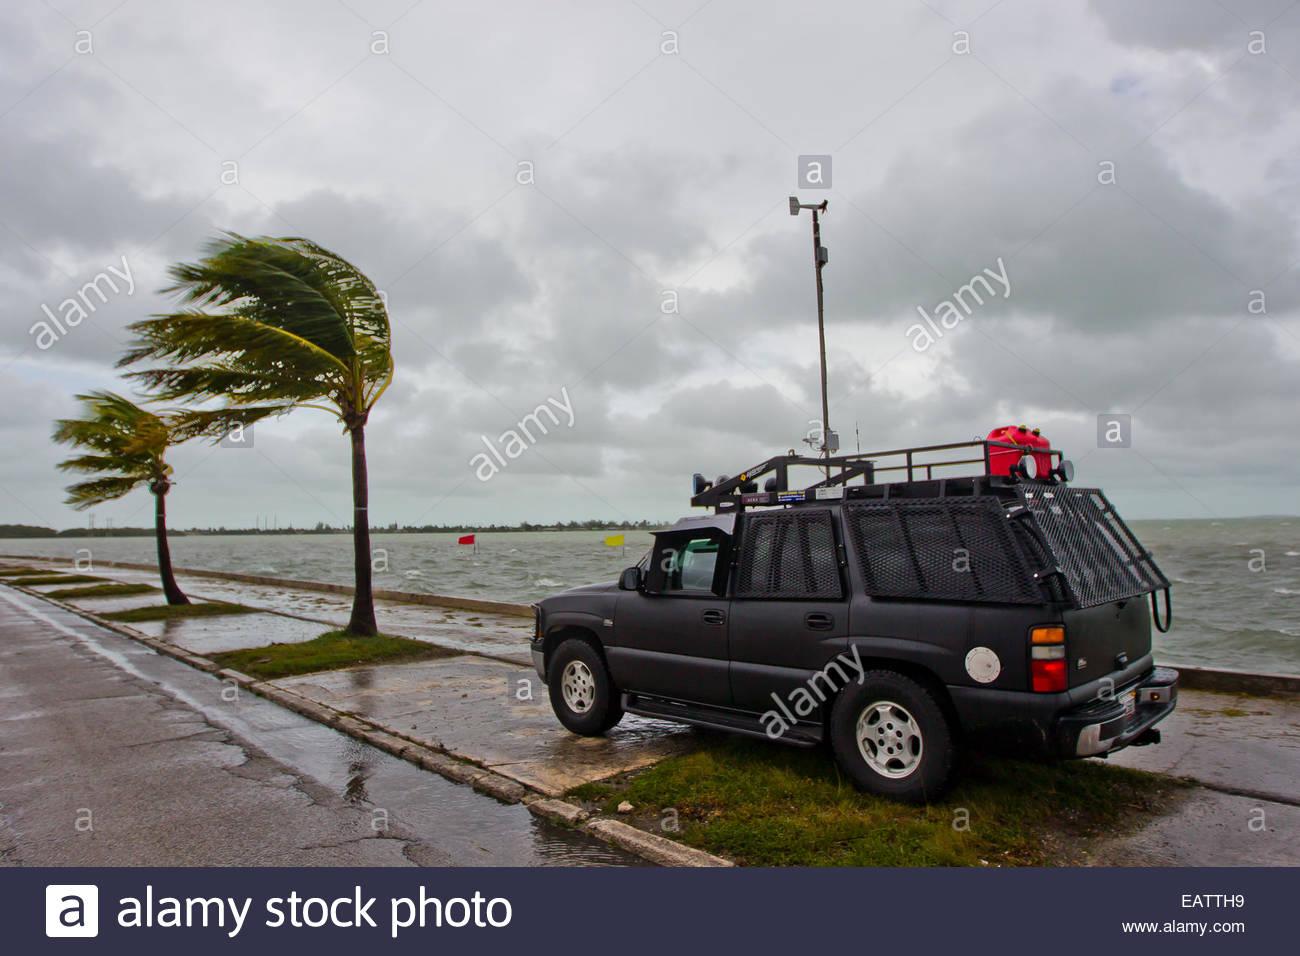 Die H.E.R.V., Hurrikan Wolkenwalls Forschungsfahrzeug, Erhebung wissenschaftlicher Daten vom Hurricane Isaac. Stockfoto